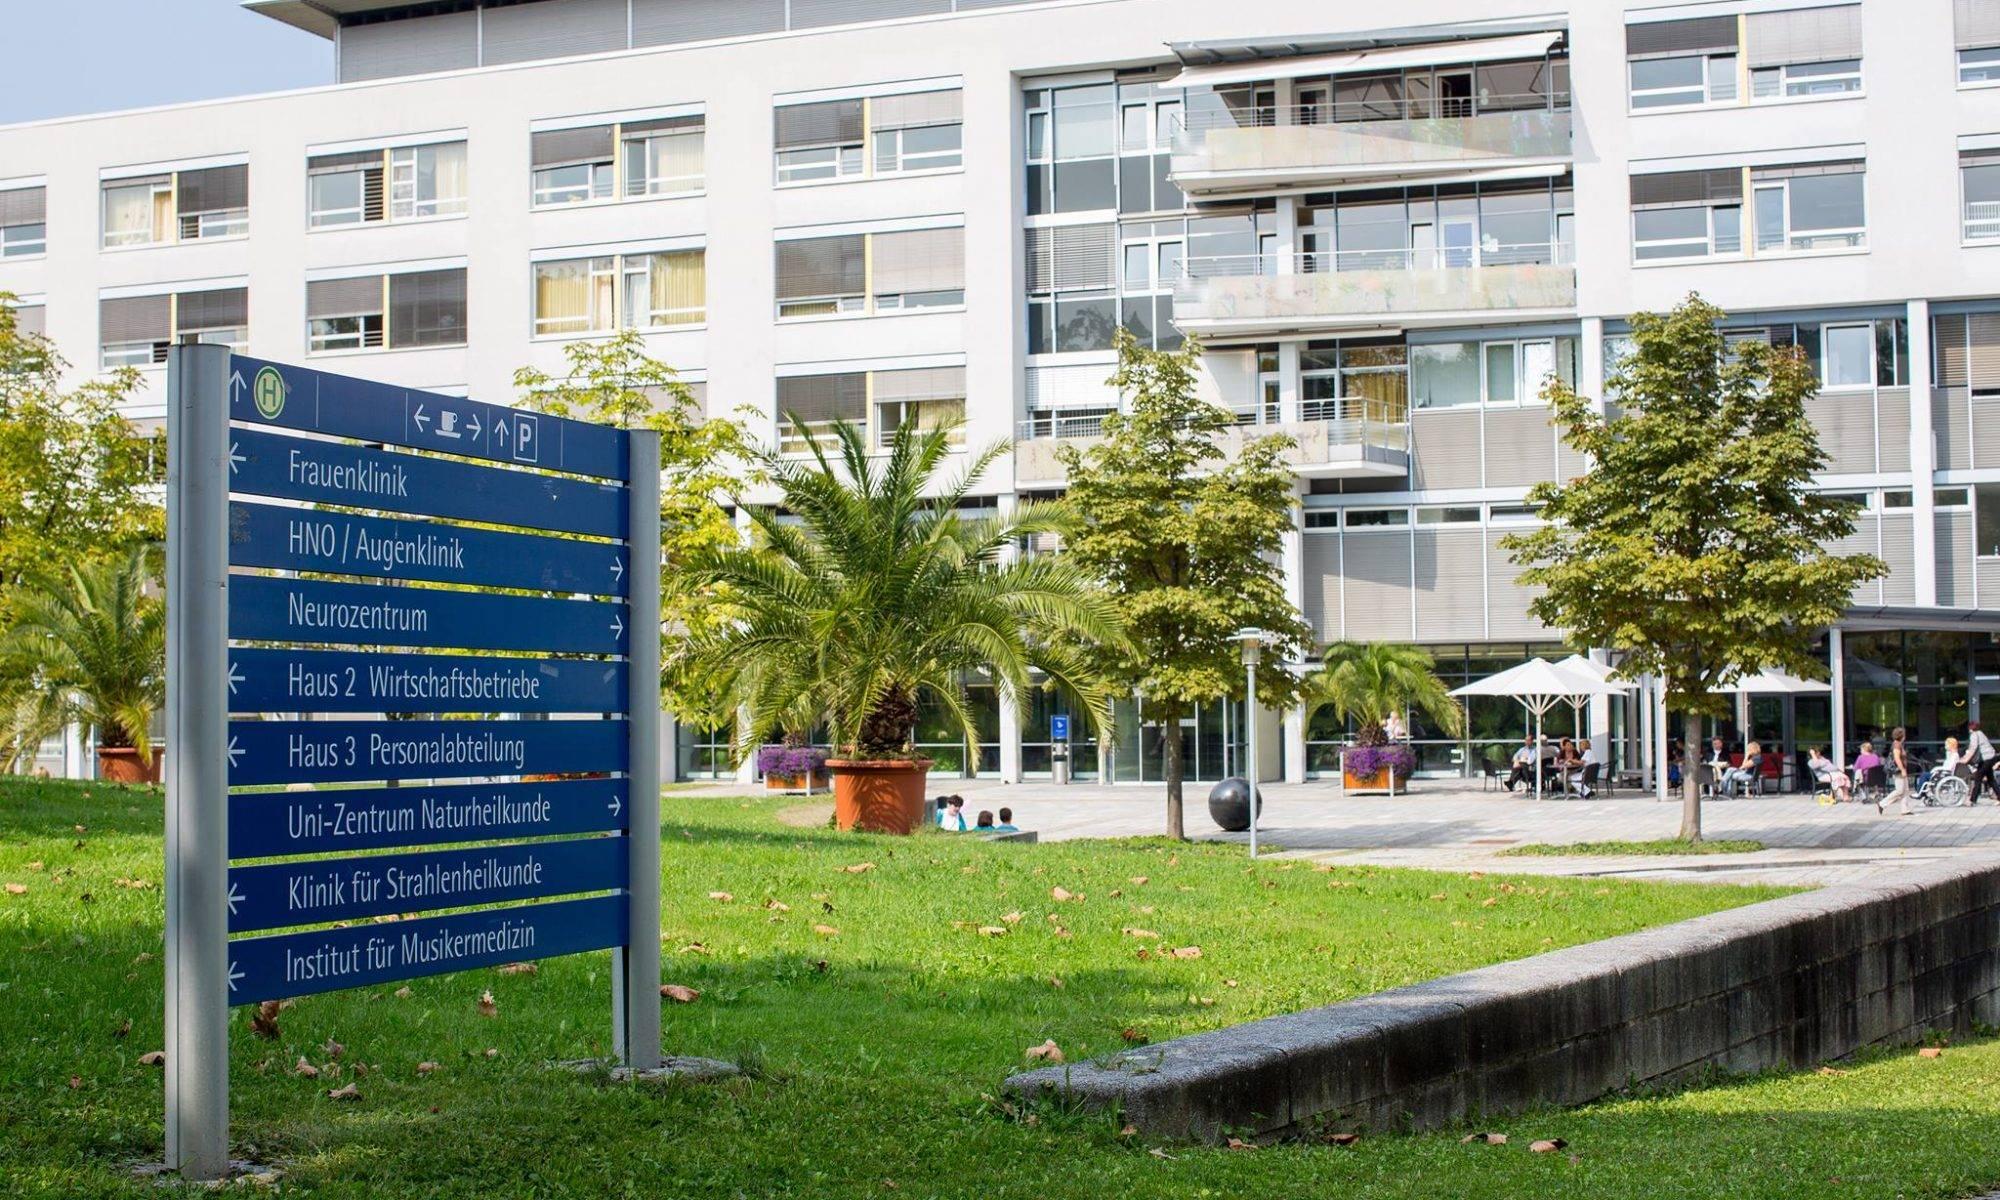 Университетская клиника фрайбурга в германии